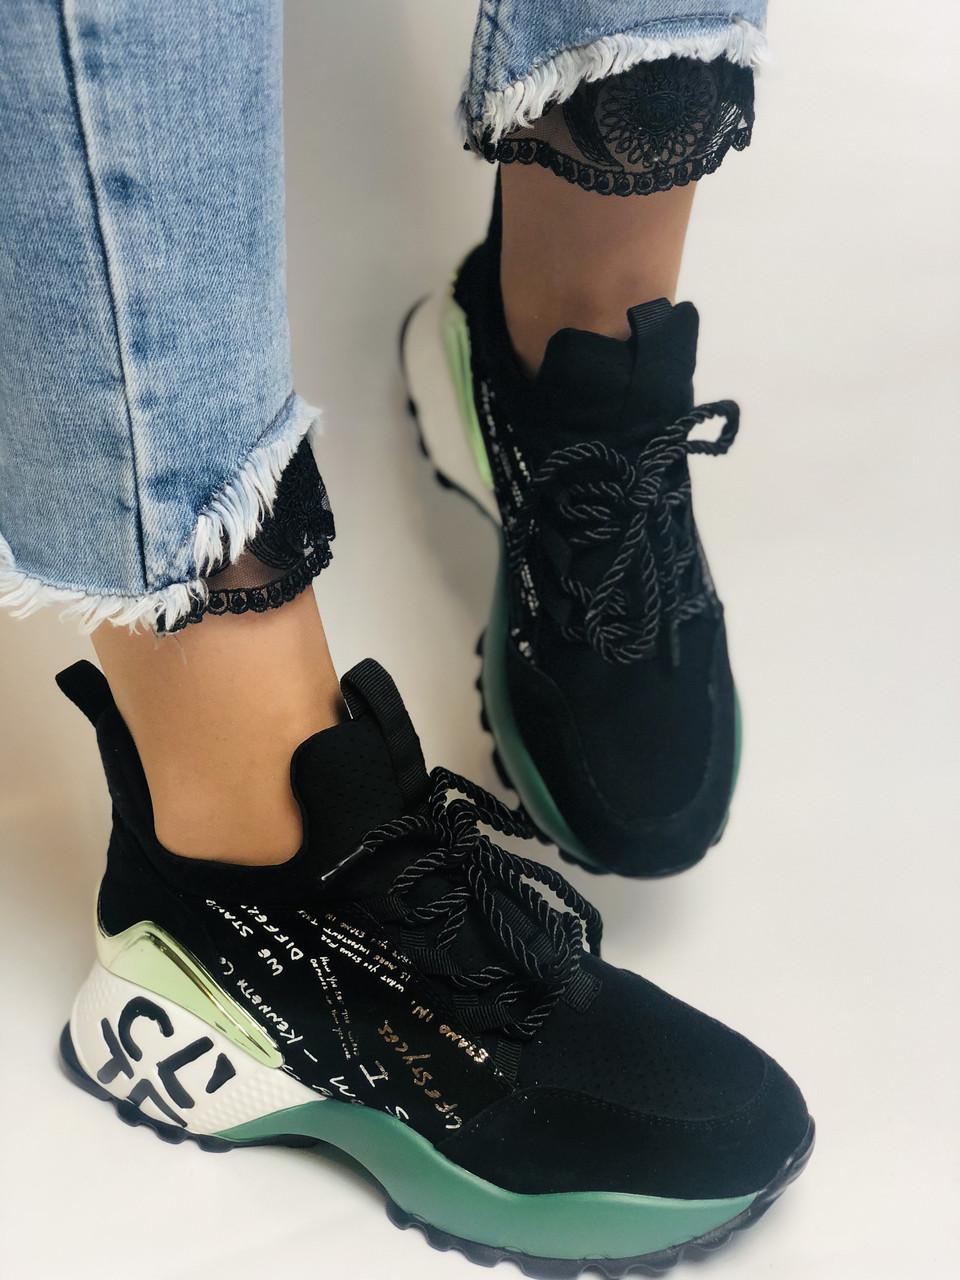 Жіночі кросівки з натуральної шкіри в комбінації з текстилем. Чорні. Розмір 36.37, 38, 39